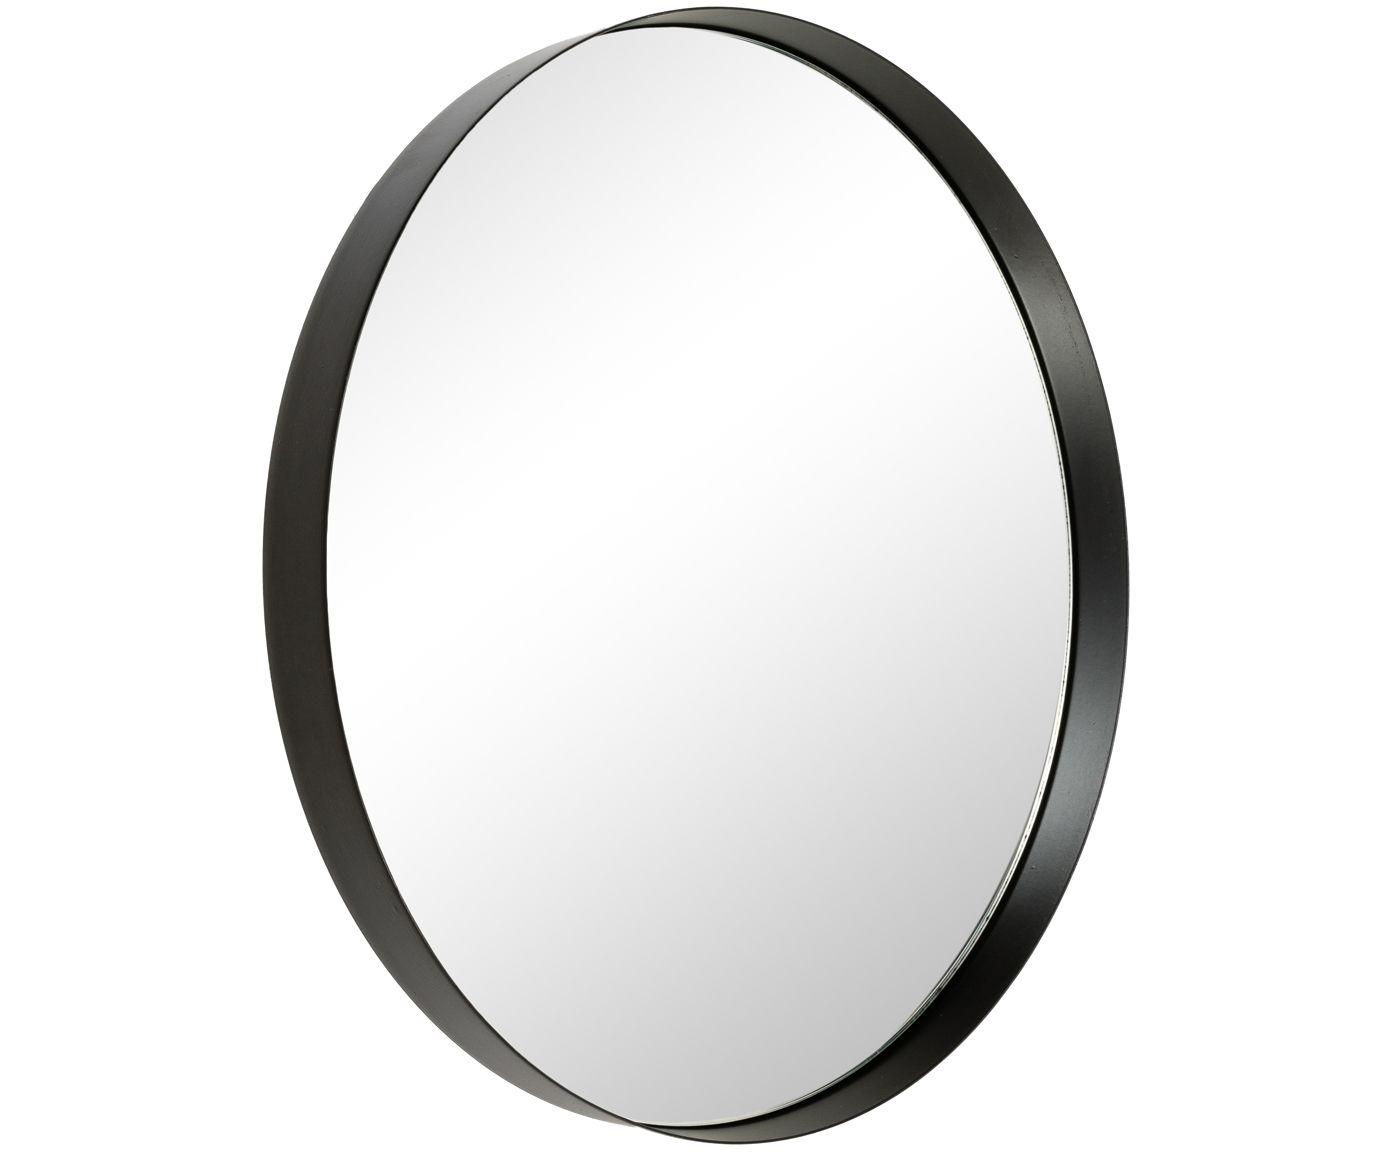 Wandspiegel Metal Mit Schwarzem Rahmen Mit Bildern Wandspiegel Spiegelglas Spiegel